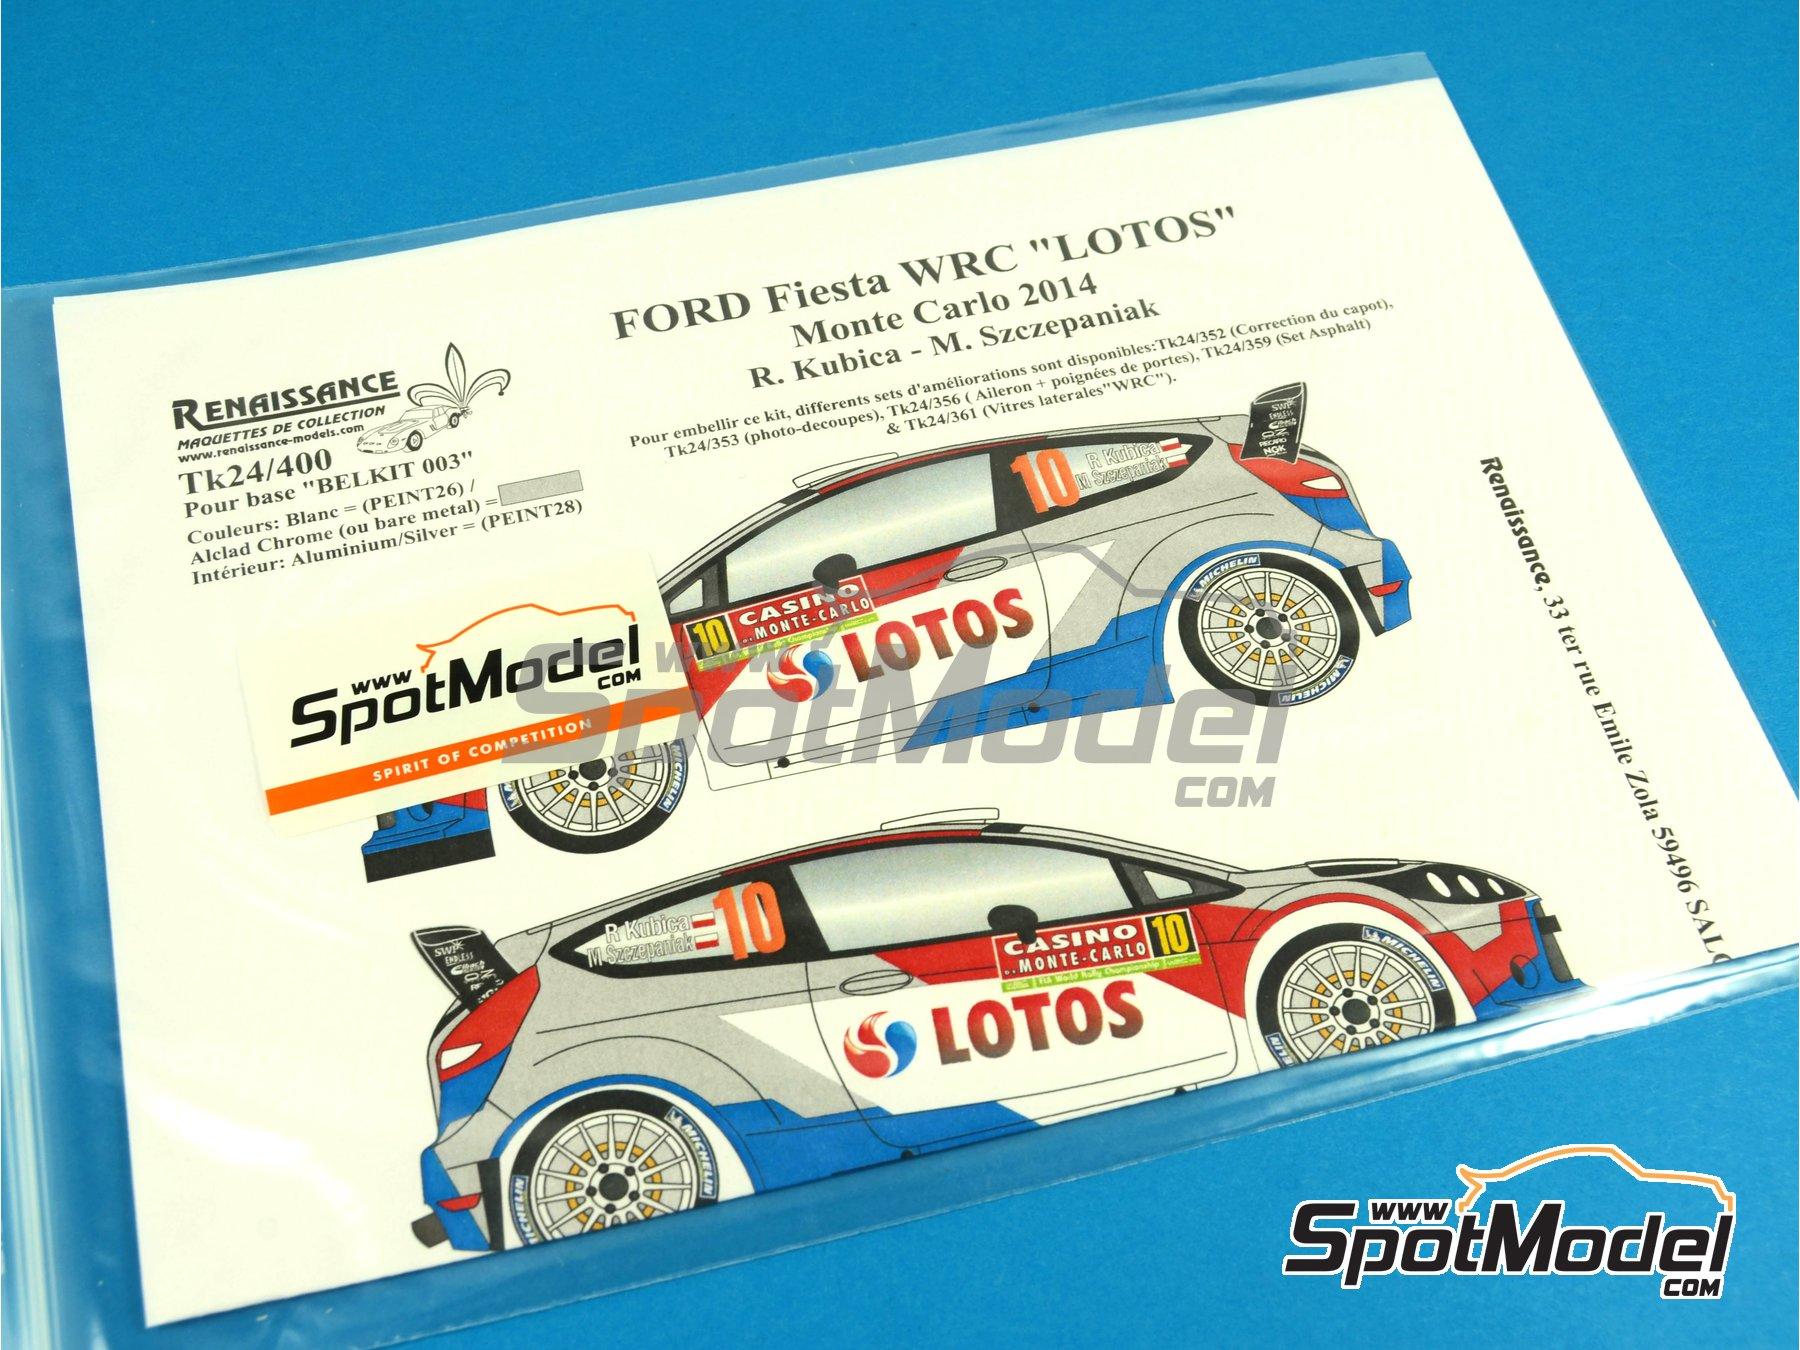 Image 8: Ford Fiesta WRC Lotos - Rally de Montecarlo 2014 | Calcas de agua en escala1/24 fabricado por Renaissance Models (ref.TK24-400)